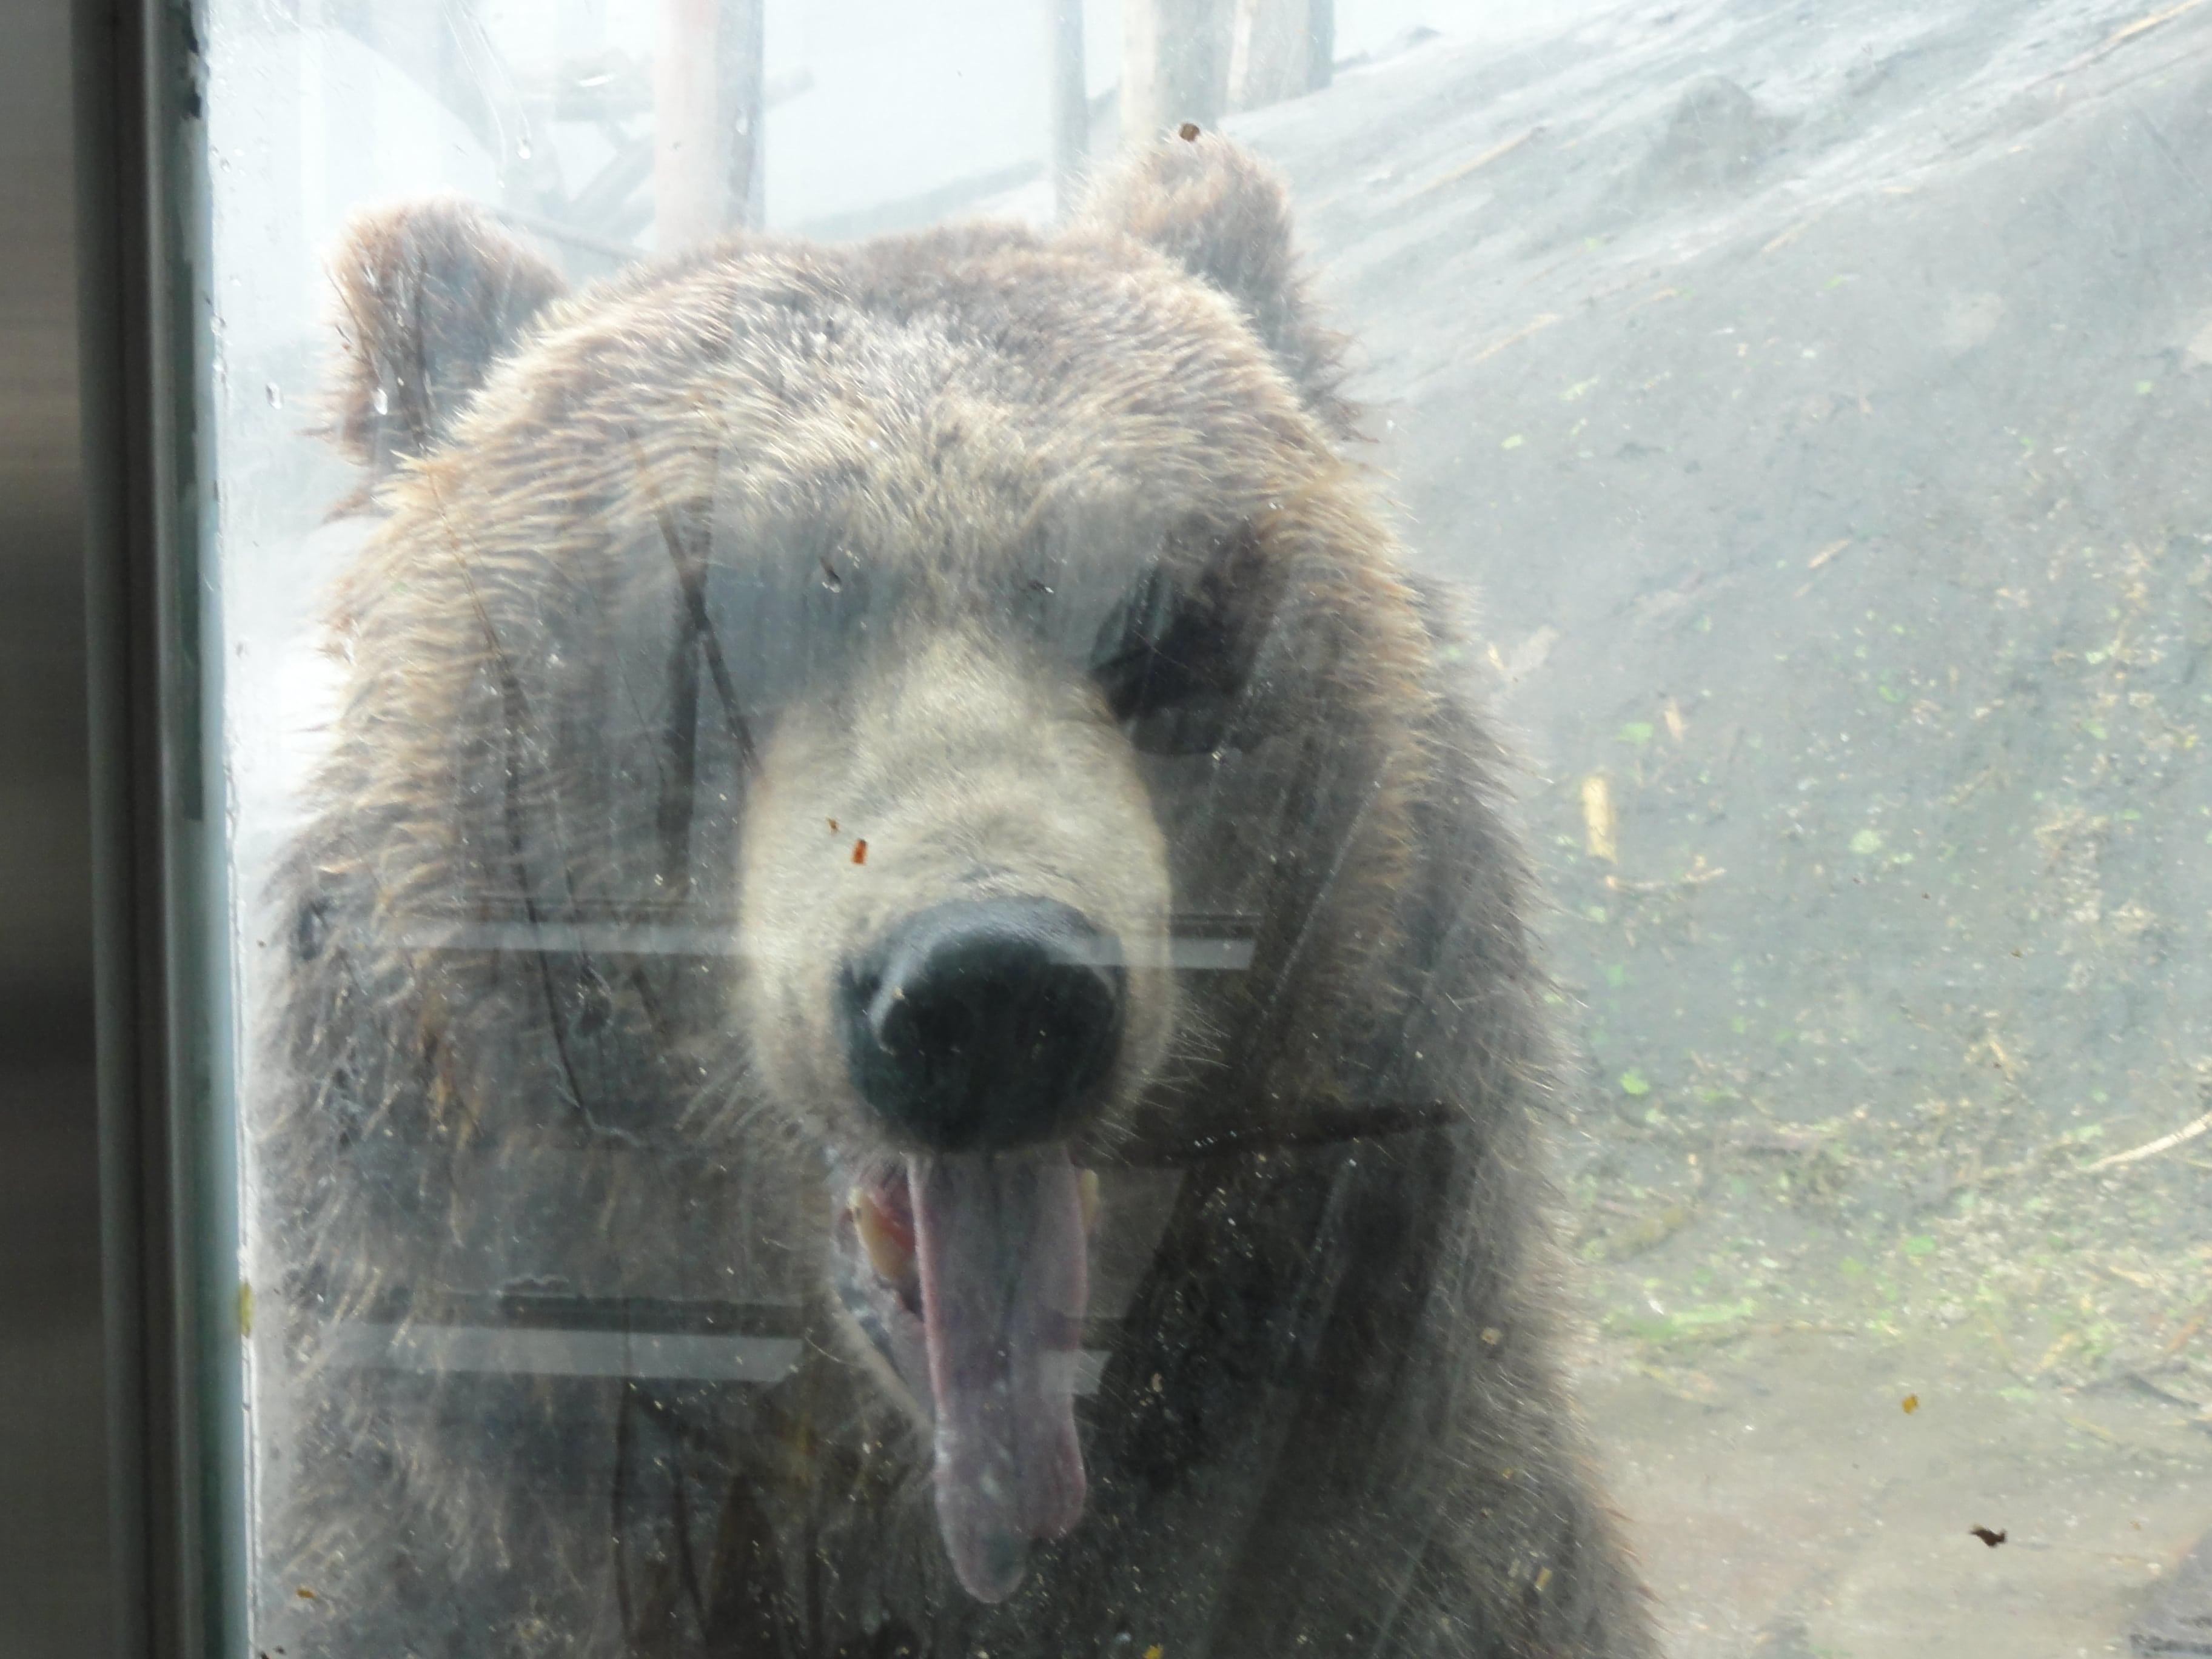 のぼりべつクマ牧場のヒグマ2